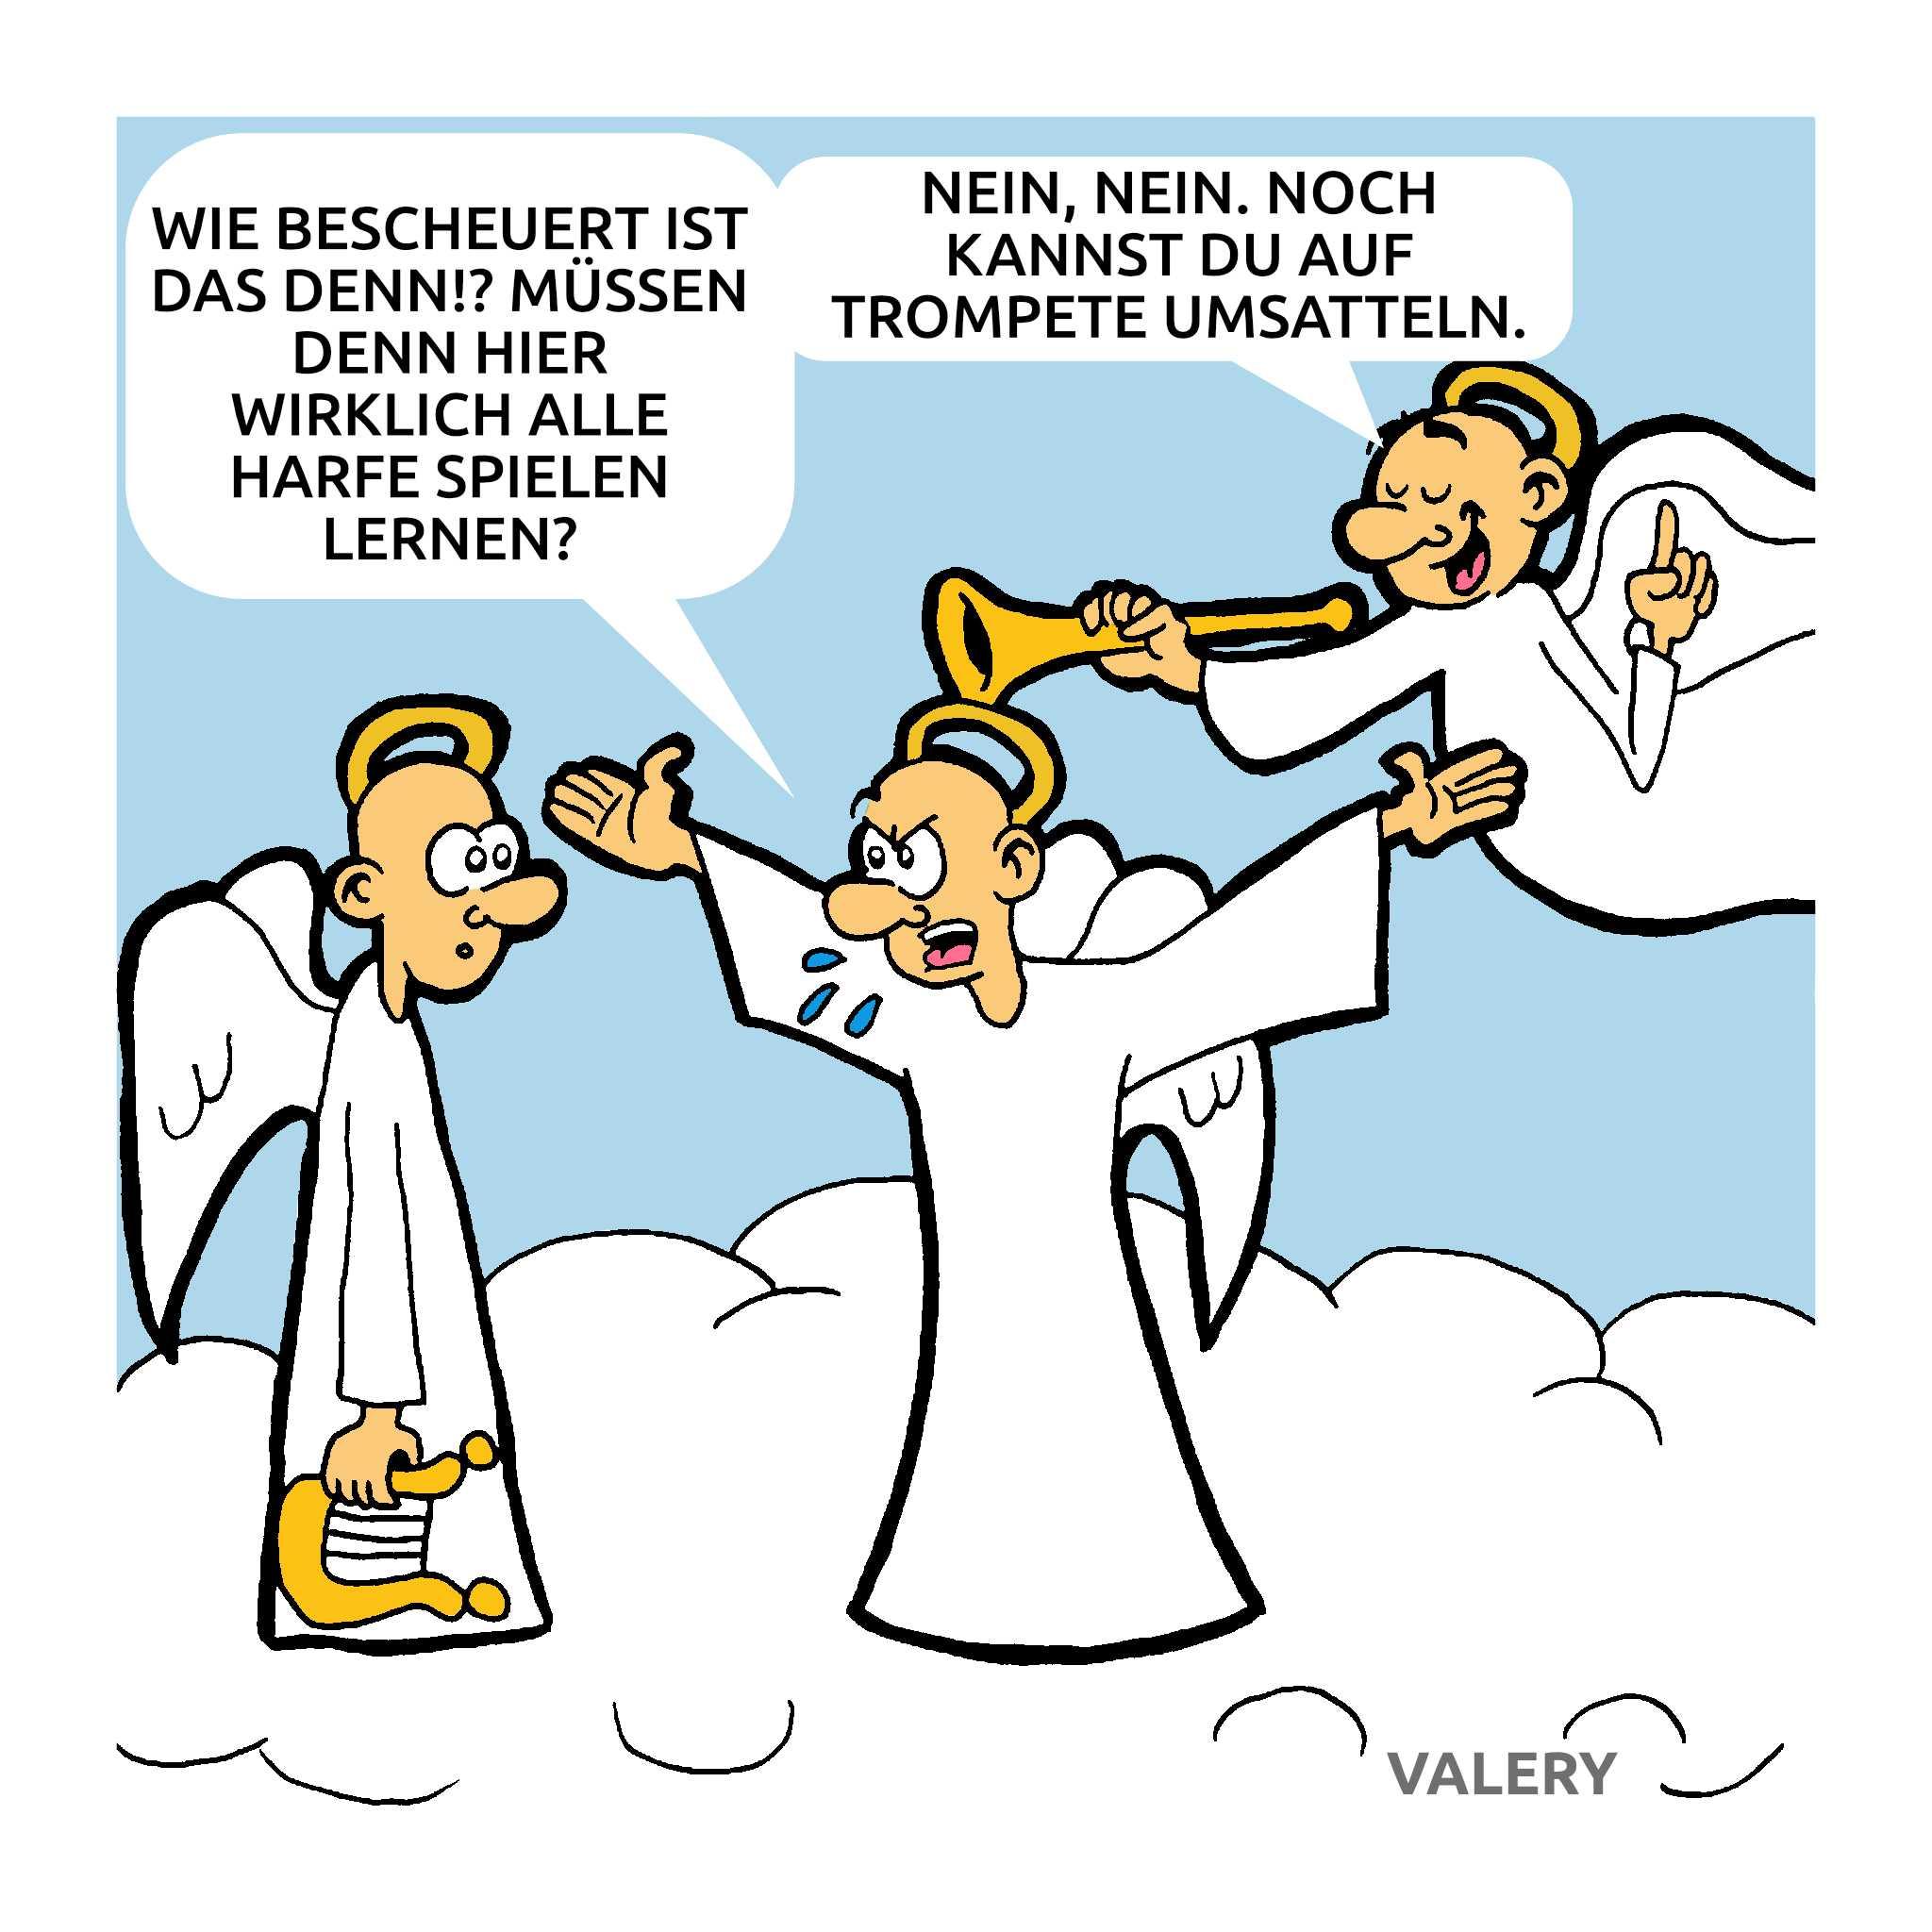 Engel Instrumente Harfe Trompete Himmel Cartoon